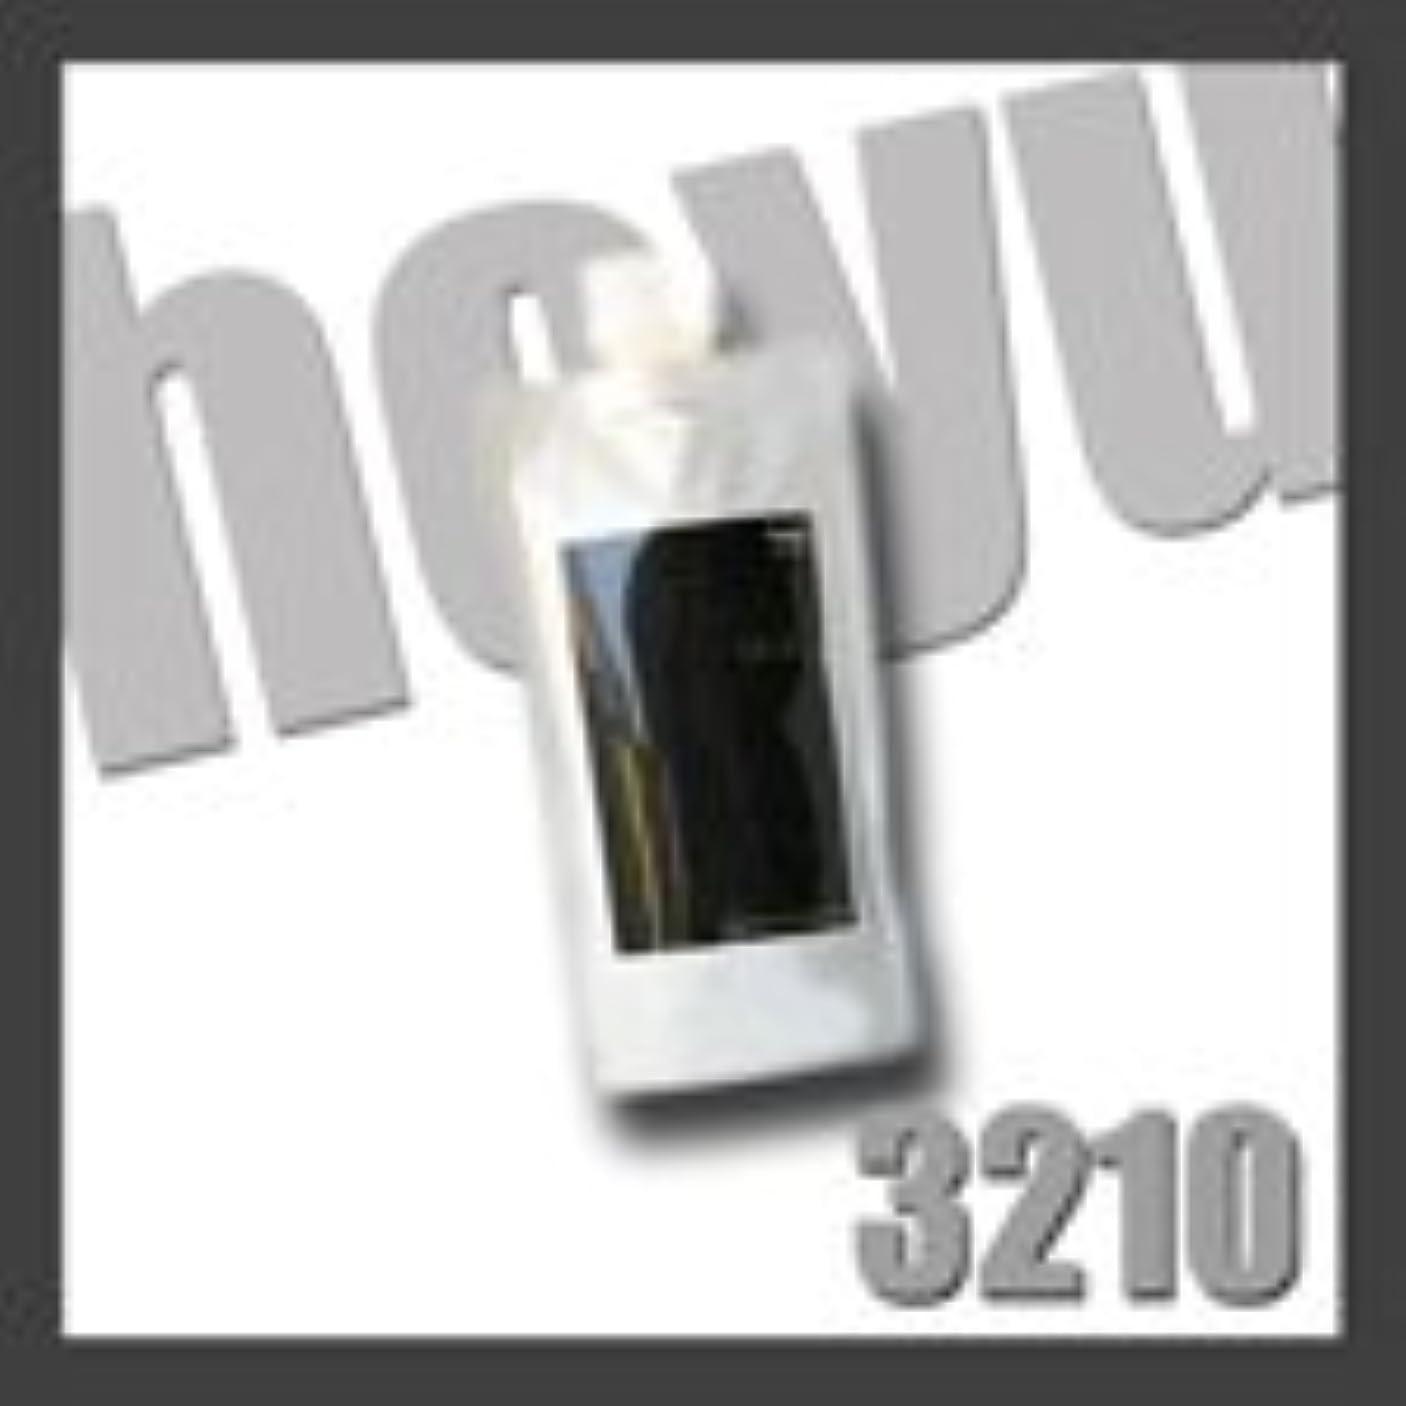 知っているに立ち寄るスコットランド人応答HOYU ホーユー 3210 ミニーレ ウルトラハード ワックス レフィル 200g 詰替用 フィニッシュワークシリーズ